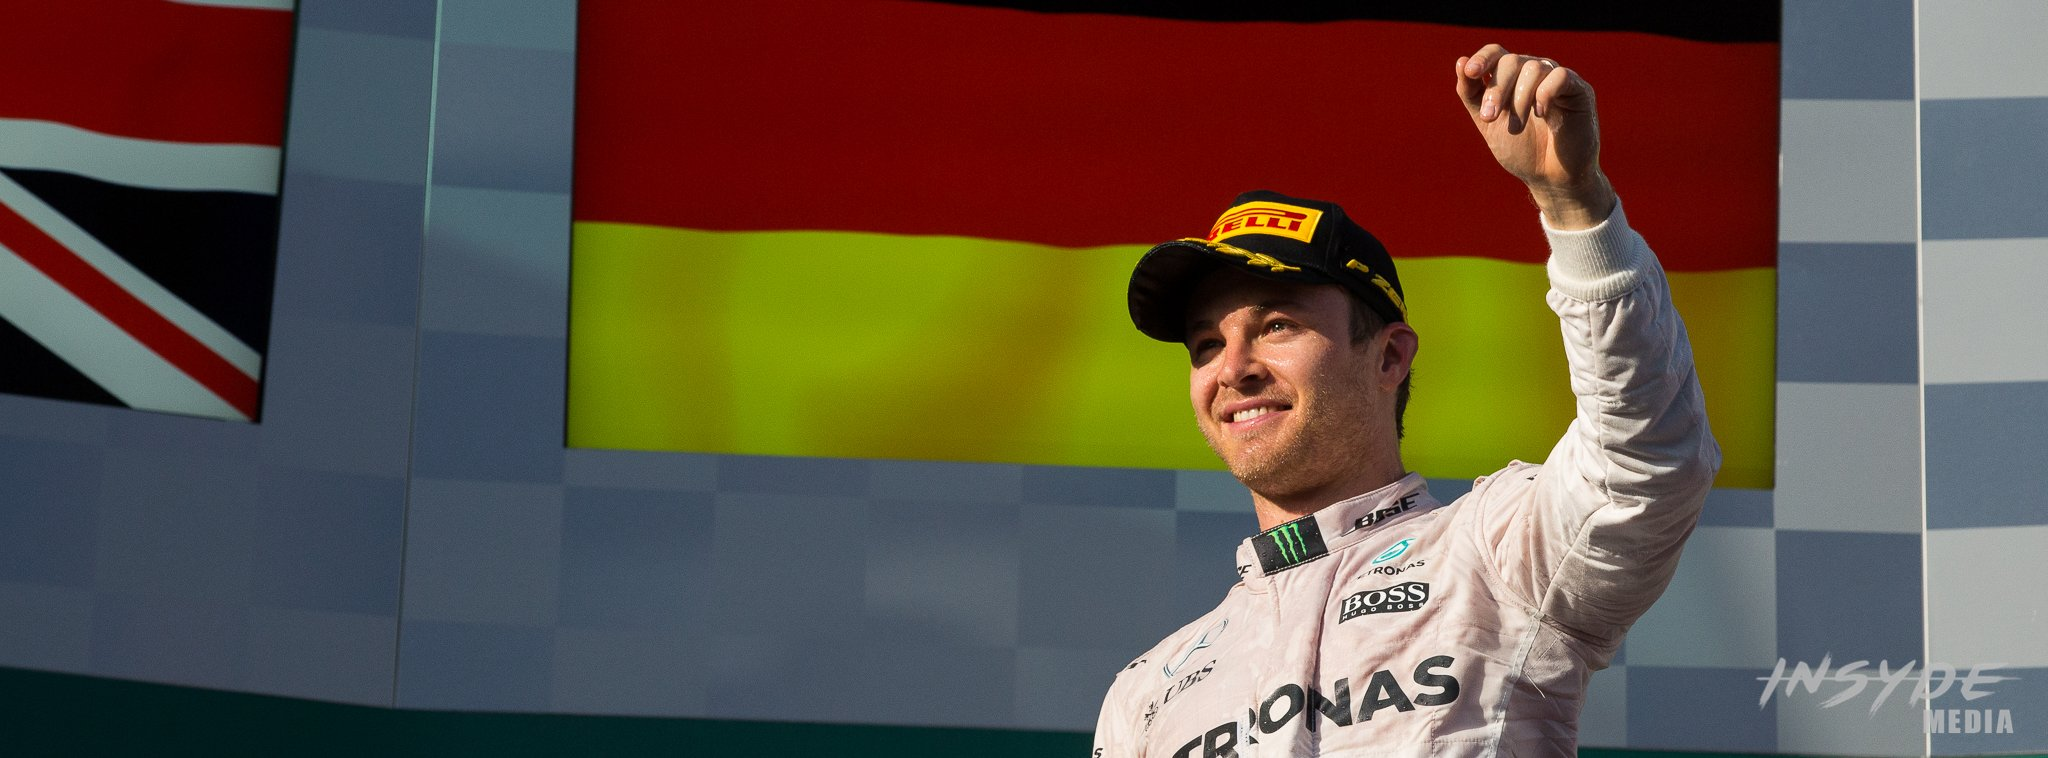 InSyde Media - Formula 1 Grand Prix